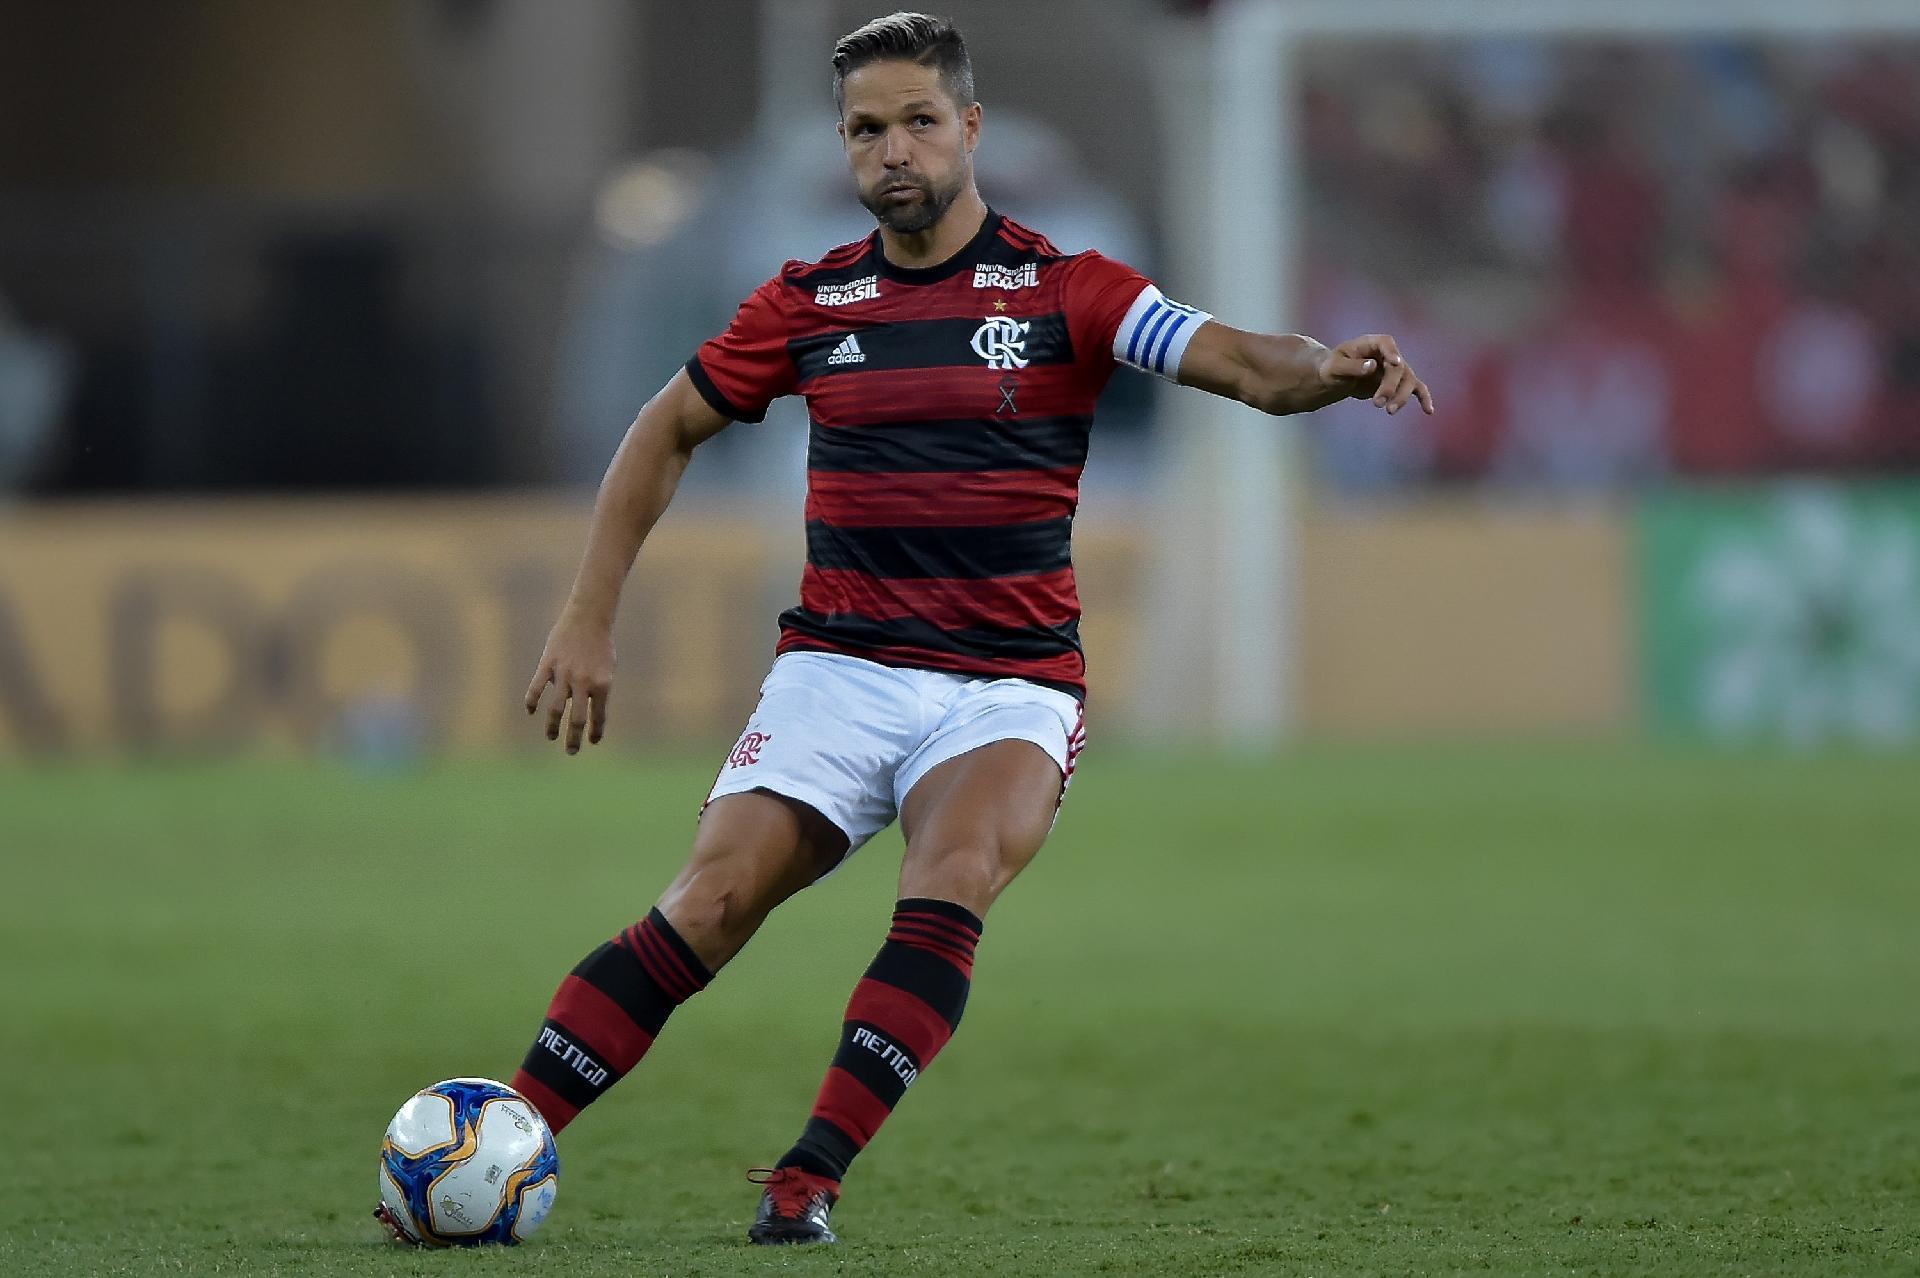 1bc29b3ee80 Flamengo discute tempo de contrato para anunciar patrocínio de banco digital